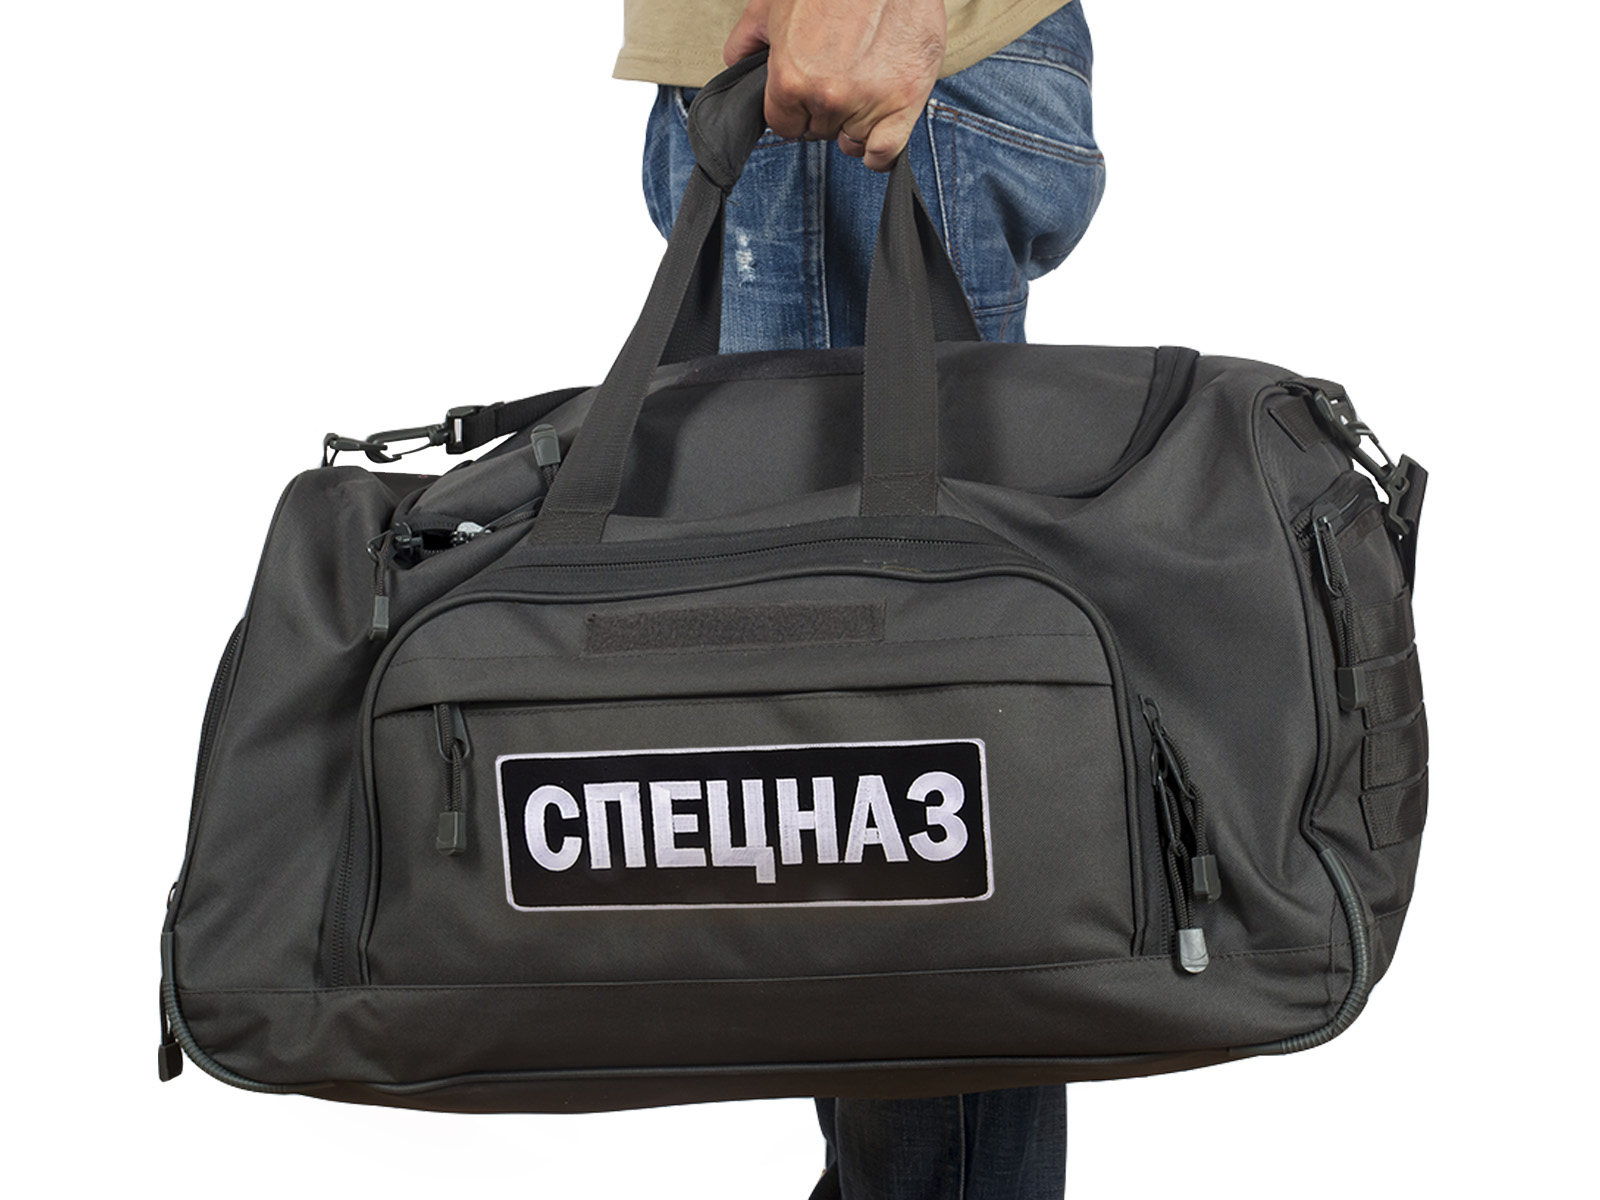 Продажа сумок Спецназа: от походных, до дорожных